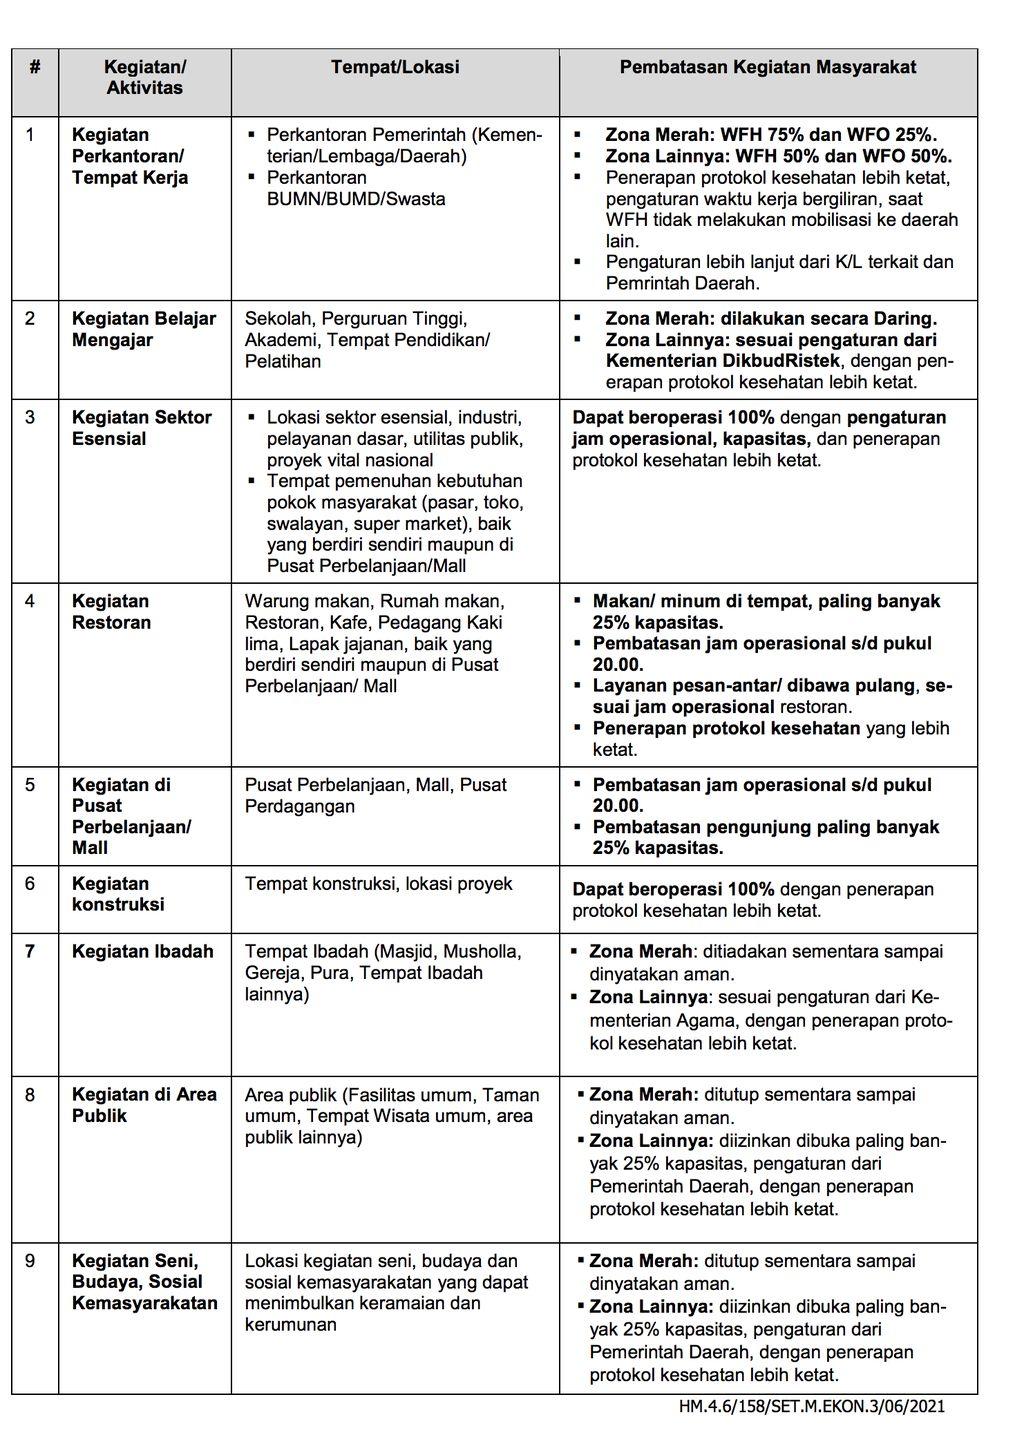 Tabel Penguatan Implementasi PPKM Mikro dan Percepatan Vaksinasi, Kunci Utama Pengendalian Lonjakan Covid-19. (Biro Setpress RI)